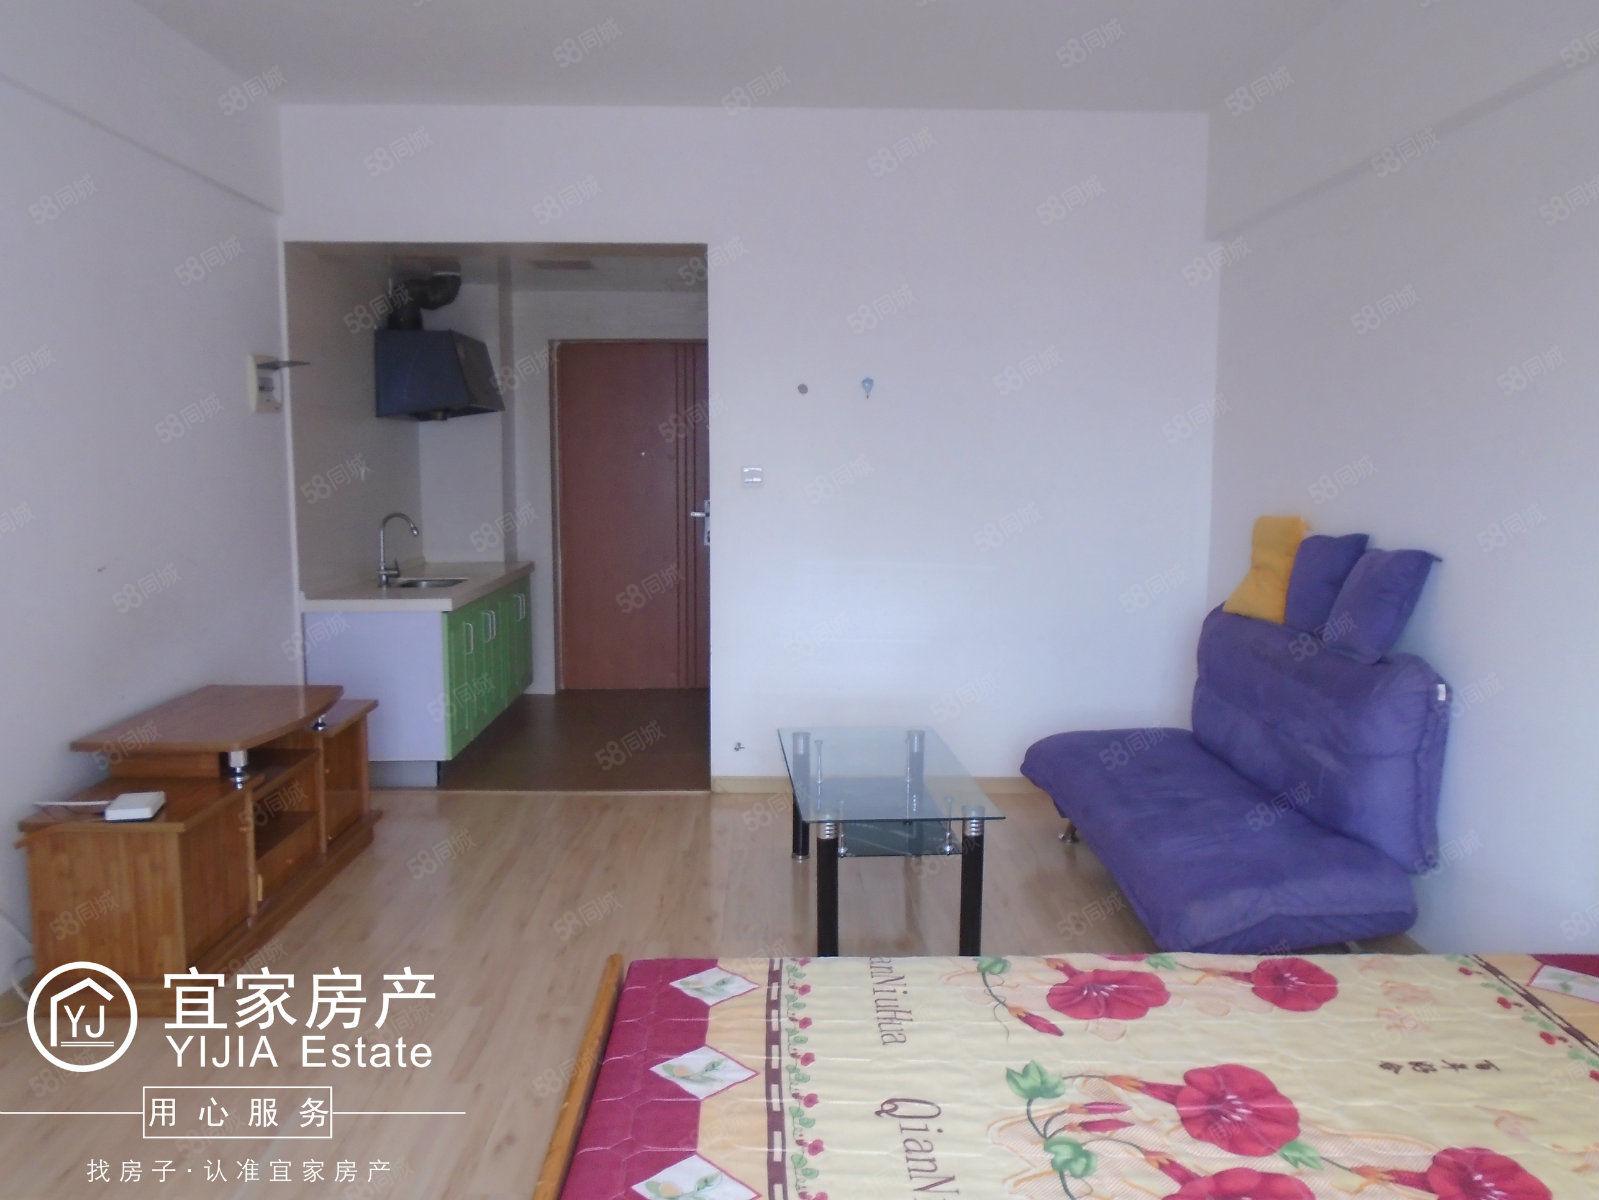 时代广场、1室1厅1厨1卫、精装修单身公寓、带全套家具澳门金沙平台